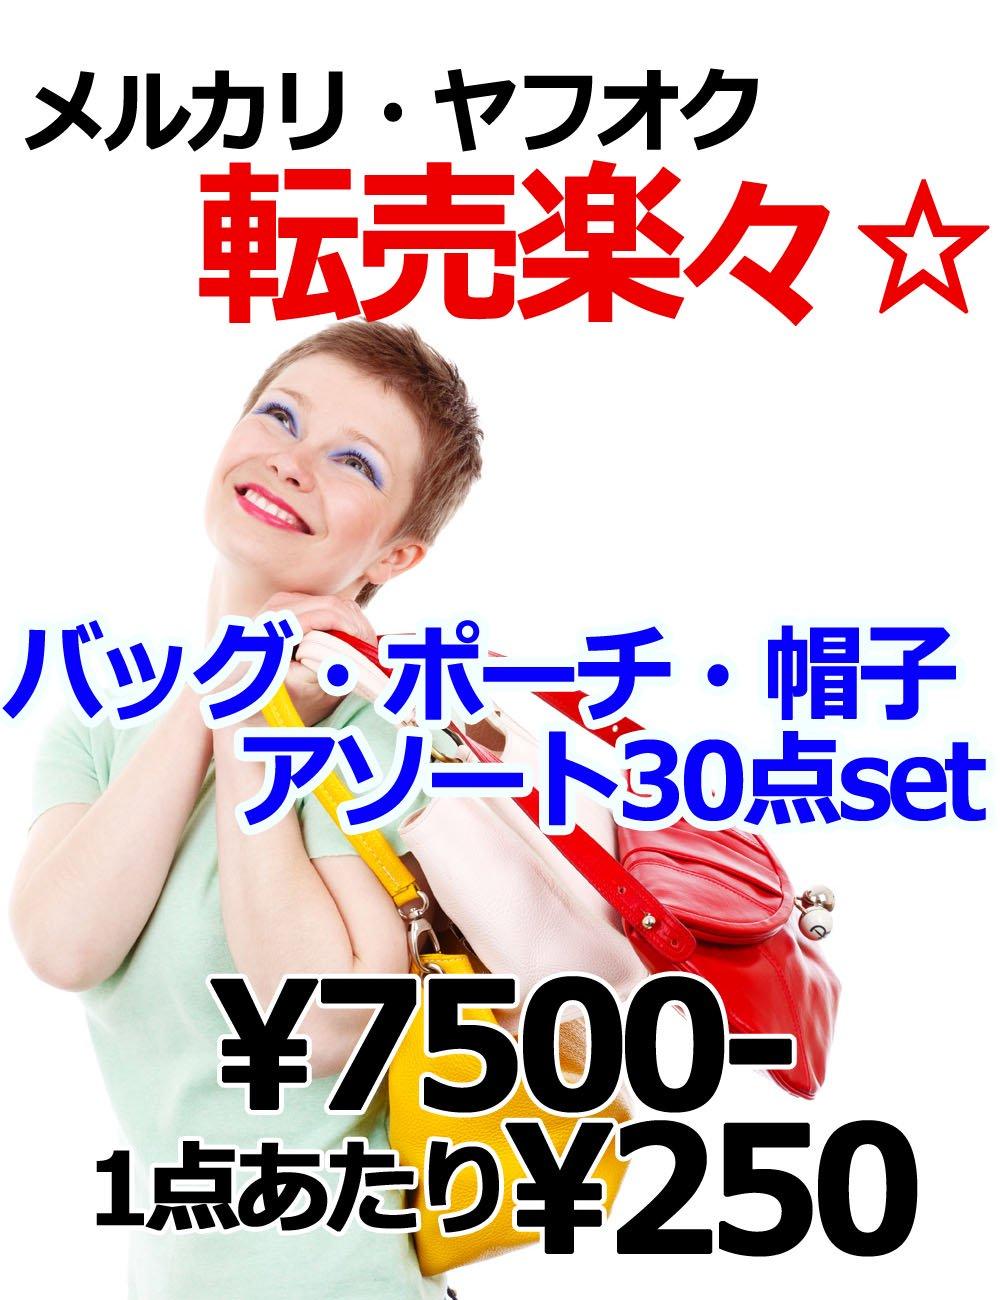 【 メルカリ・ヤフオク 転売楽々☆ 】バッグ・ポーチ・帽子 30点 アソート☆【30点】@250